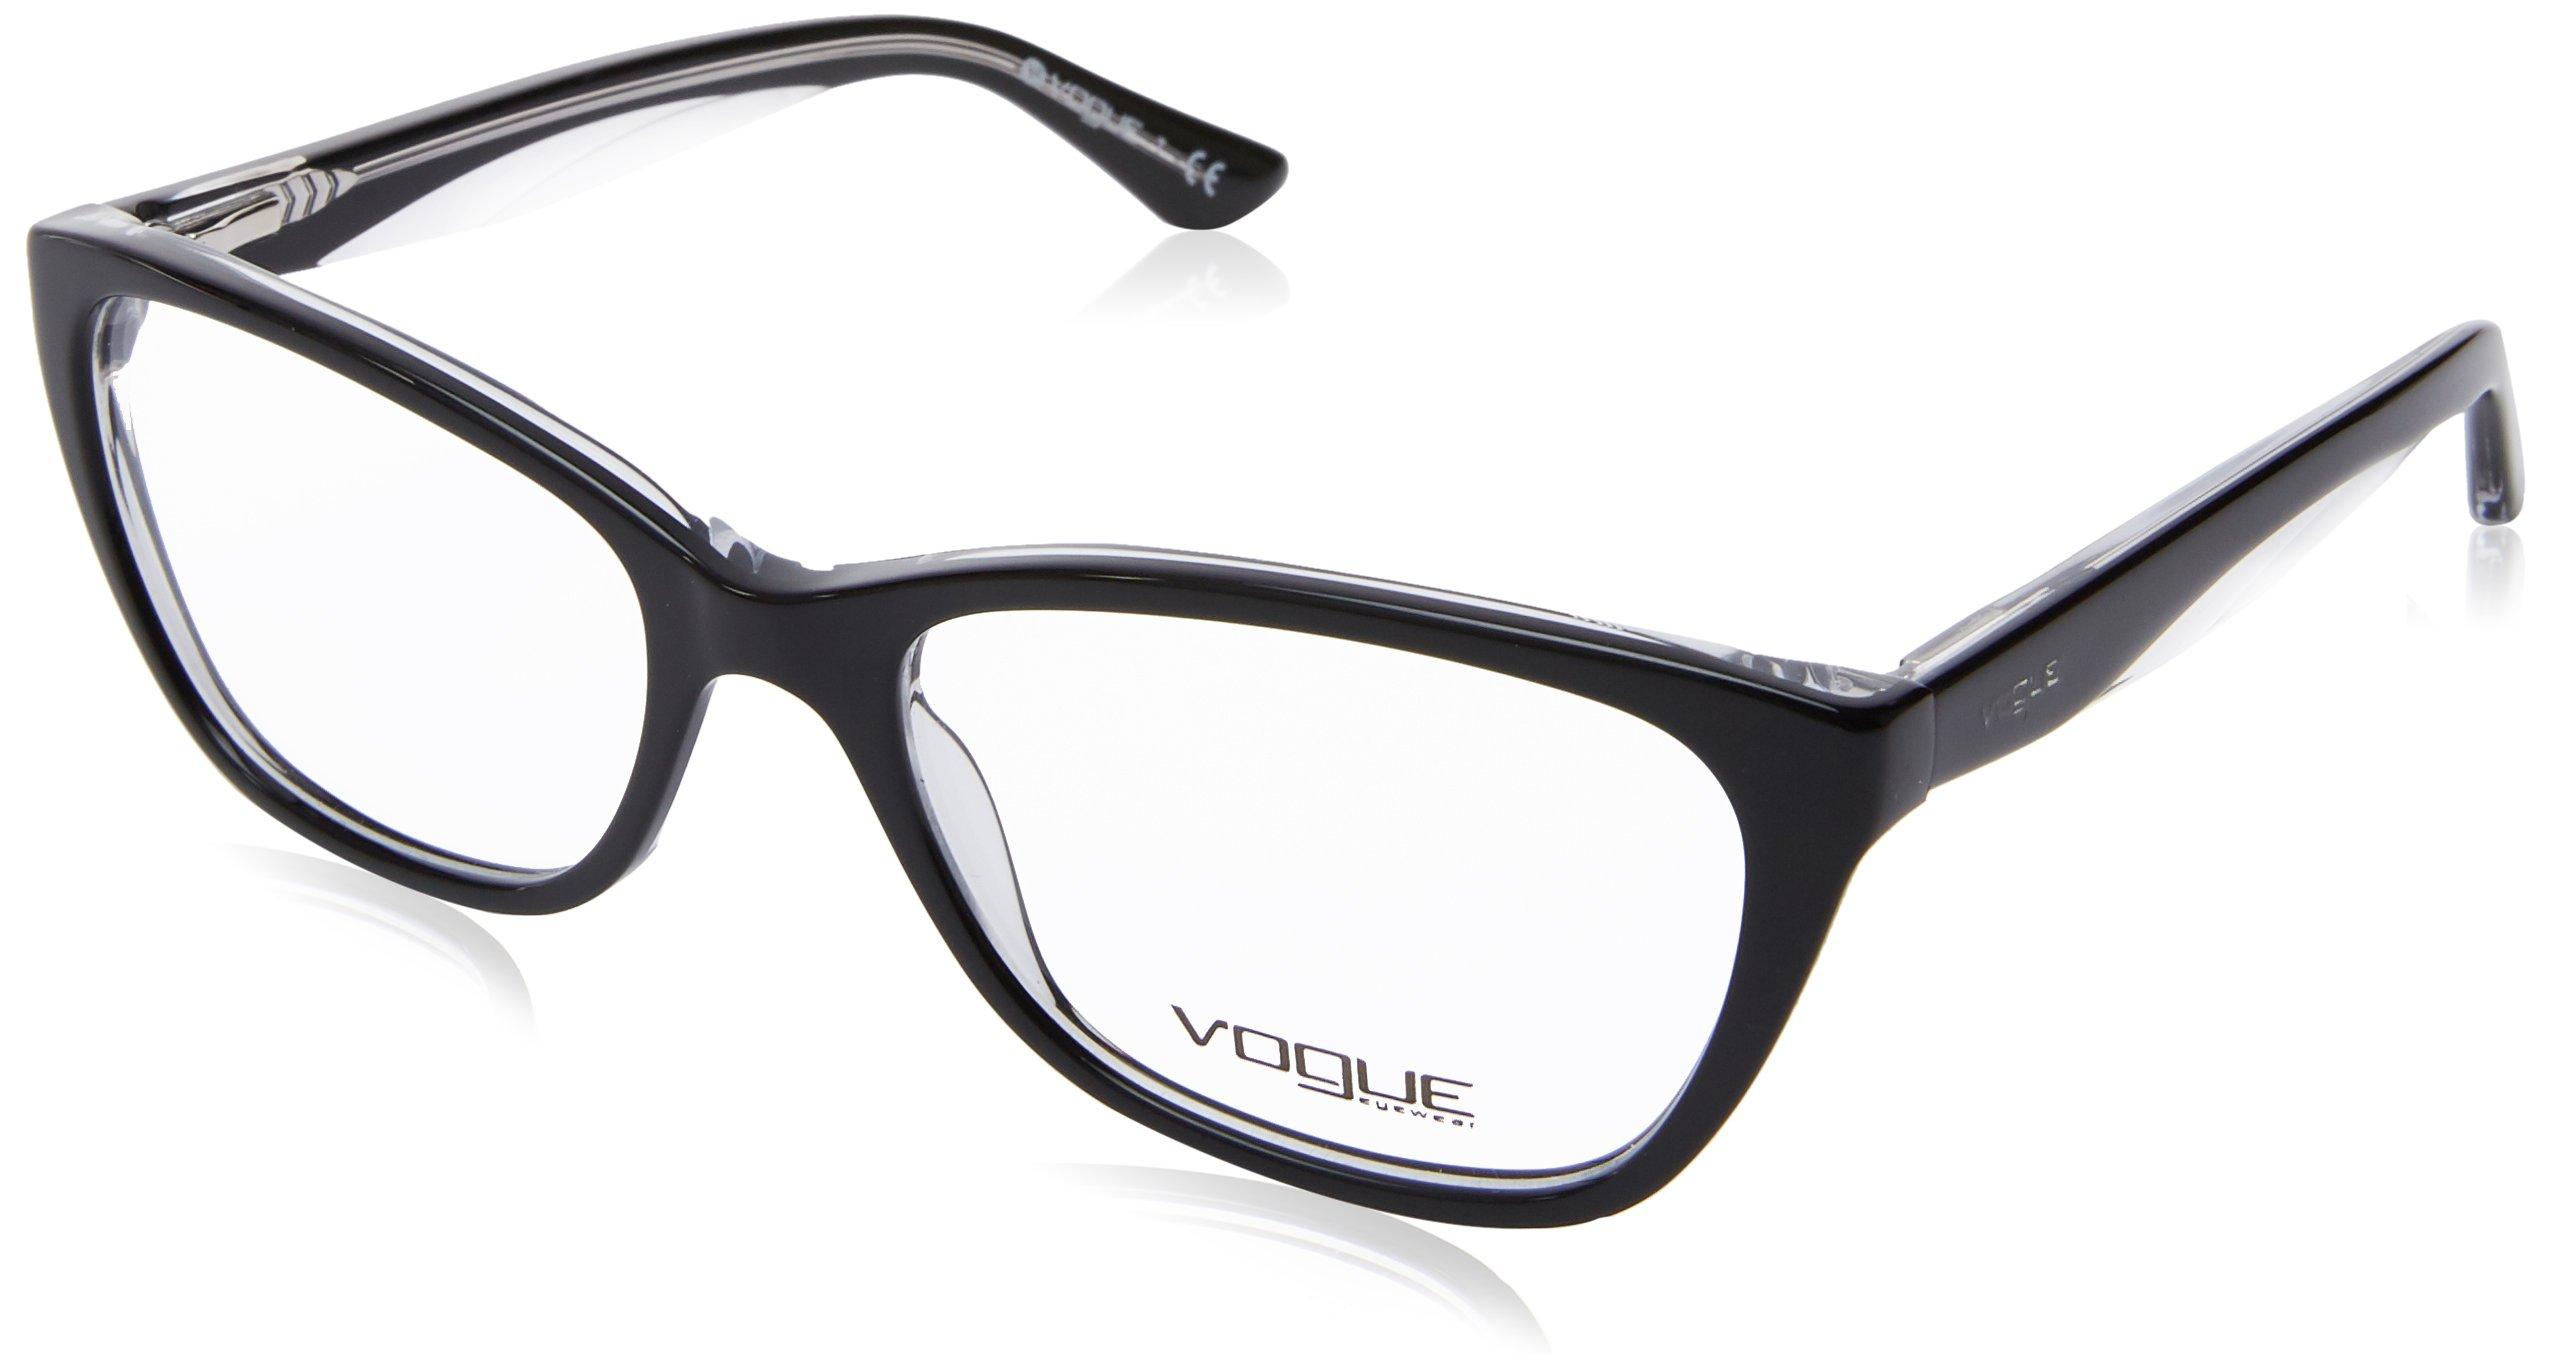 Vogue VO2961 Eyeglass Frames W827-53 - Top Black/Transparent VO2961-W827-53